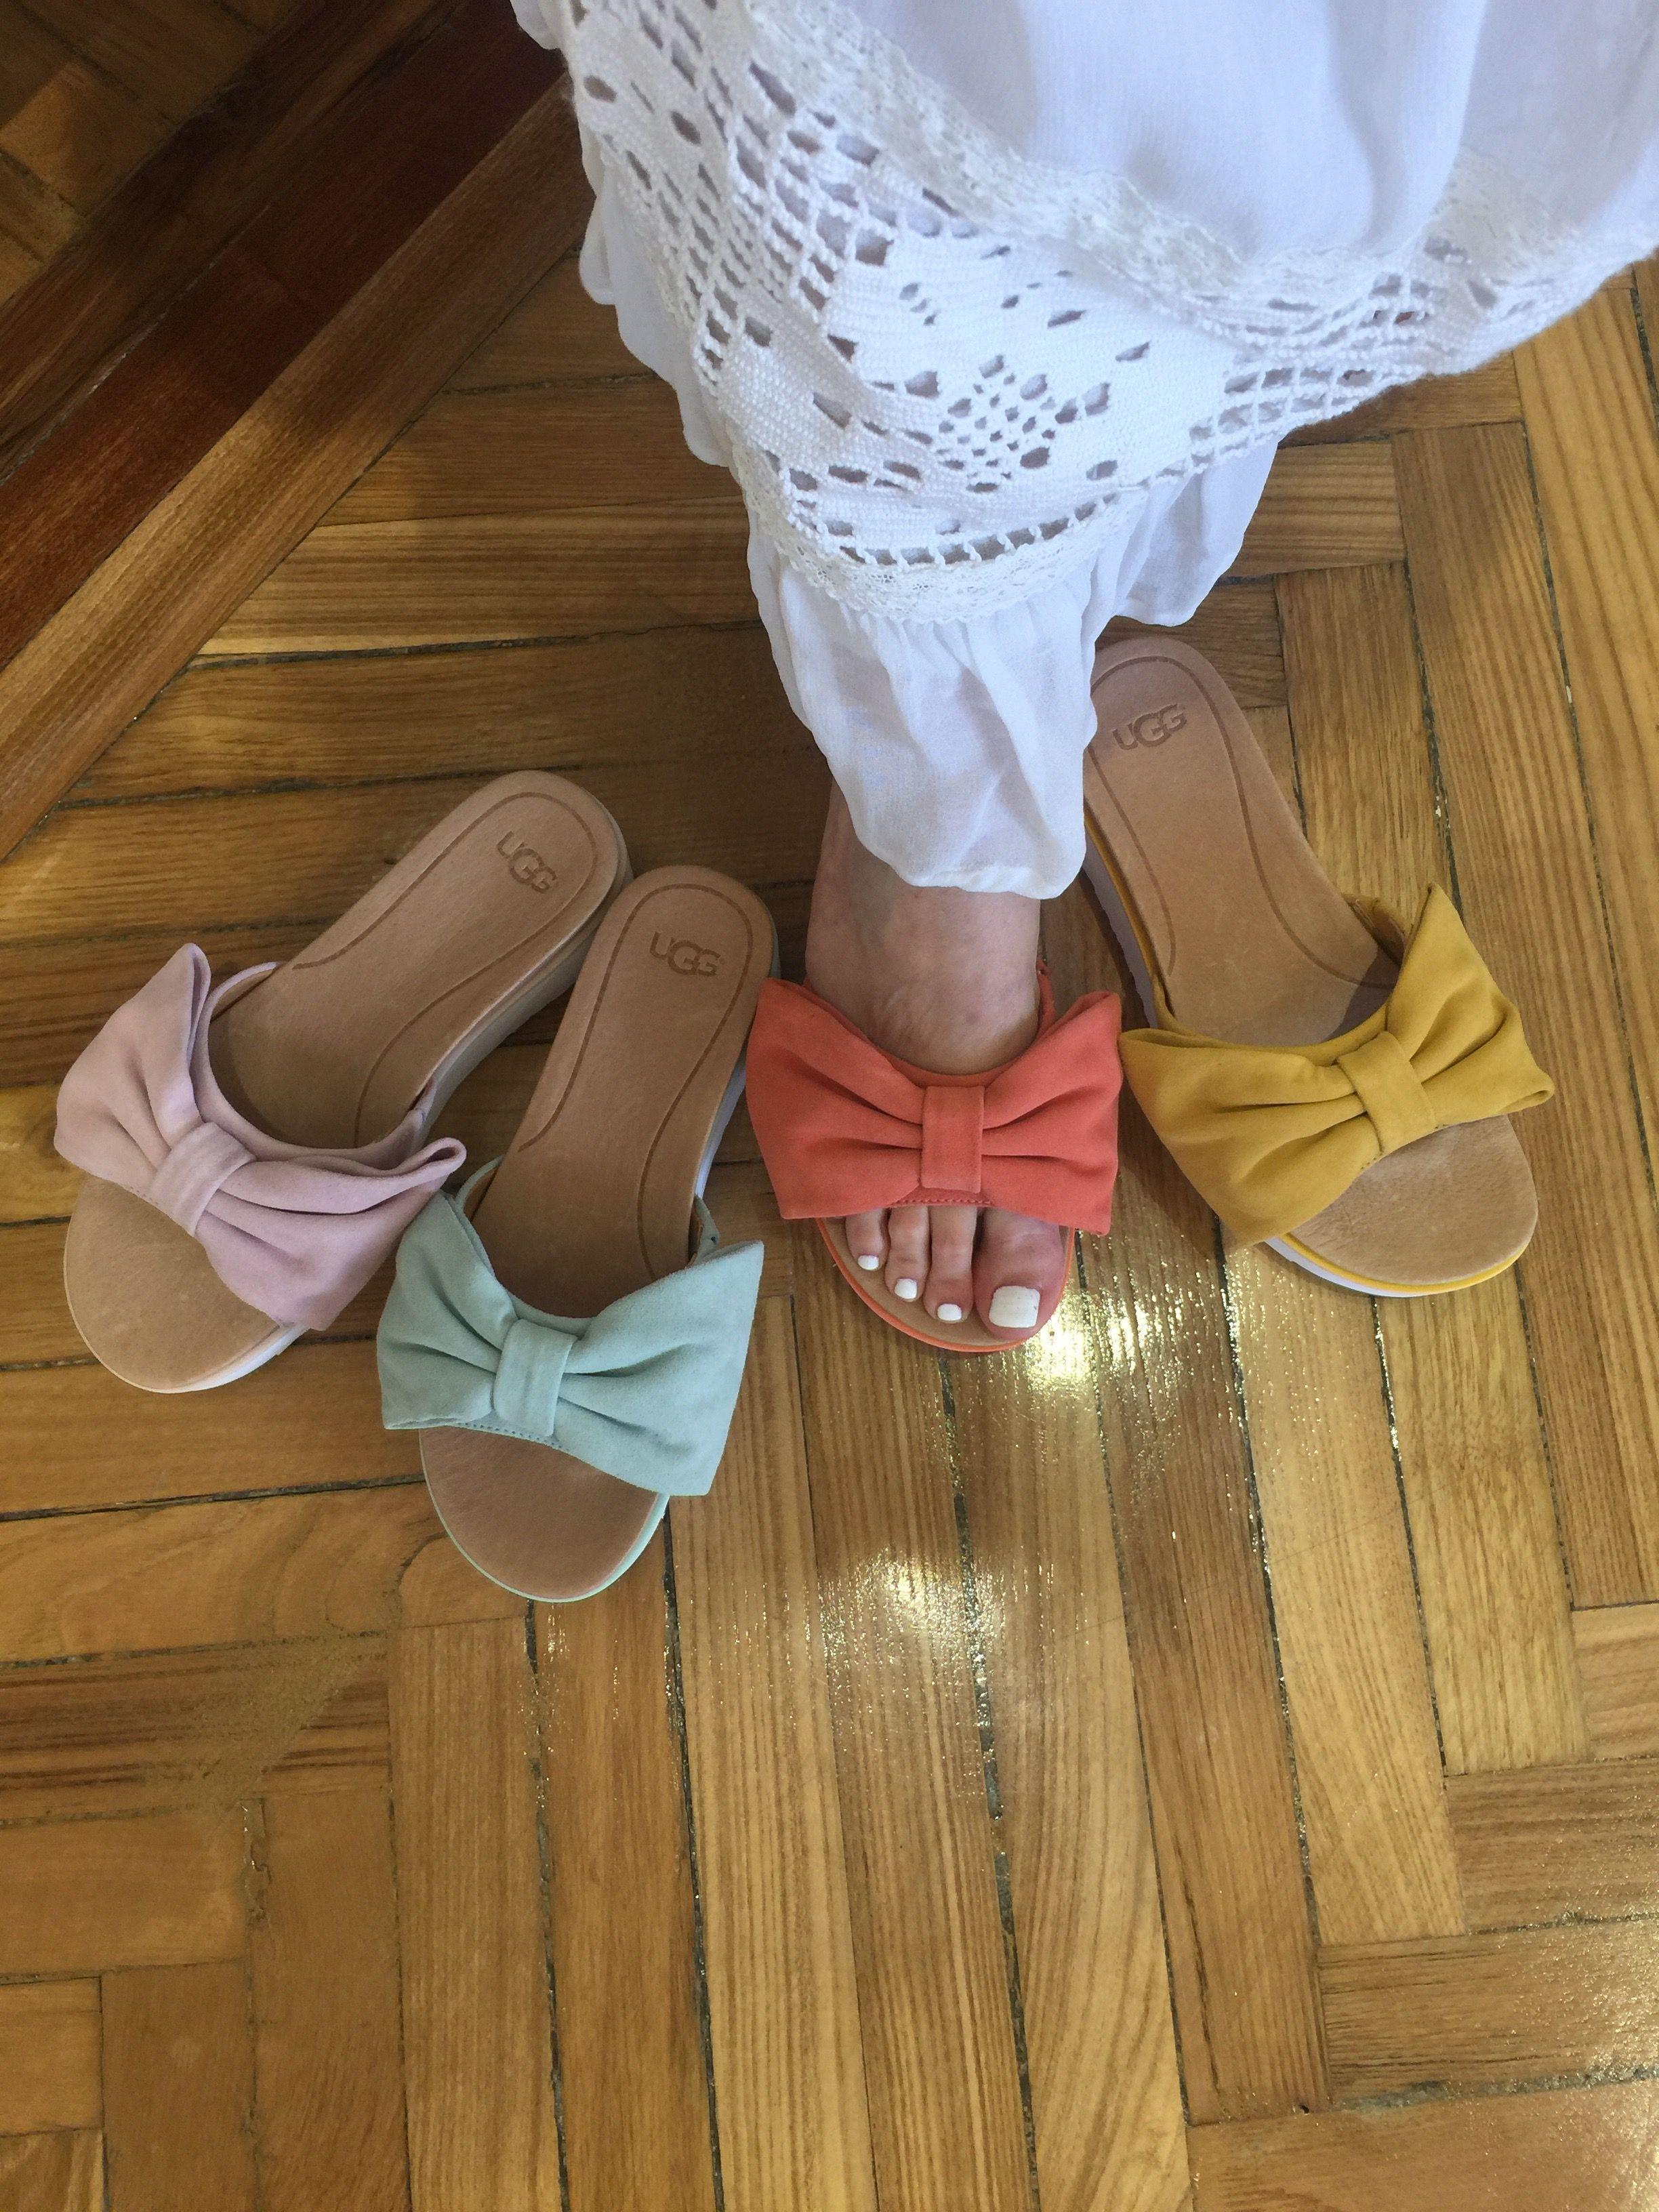 1074d930 Sandalias con plataforma tipo pala con adorno de lazo. Elige entre varios  colores y disfrútalas todo el verano. ¡Son ideales! #carrile  #calzadoscarrile # ...